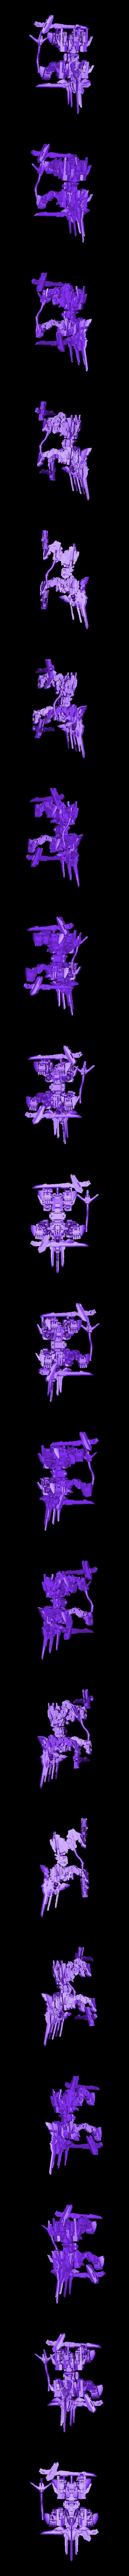 Merge_of_Liger_Zero_Schneider_EXE_1_cut_1.stl Télécharger fichier STL gratuit PLUS DE ZOÏDES • Design pour impression 3D, Peanut3DButter